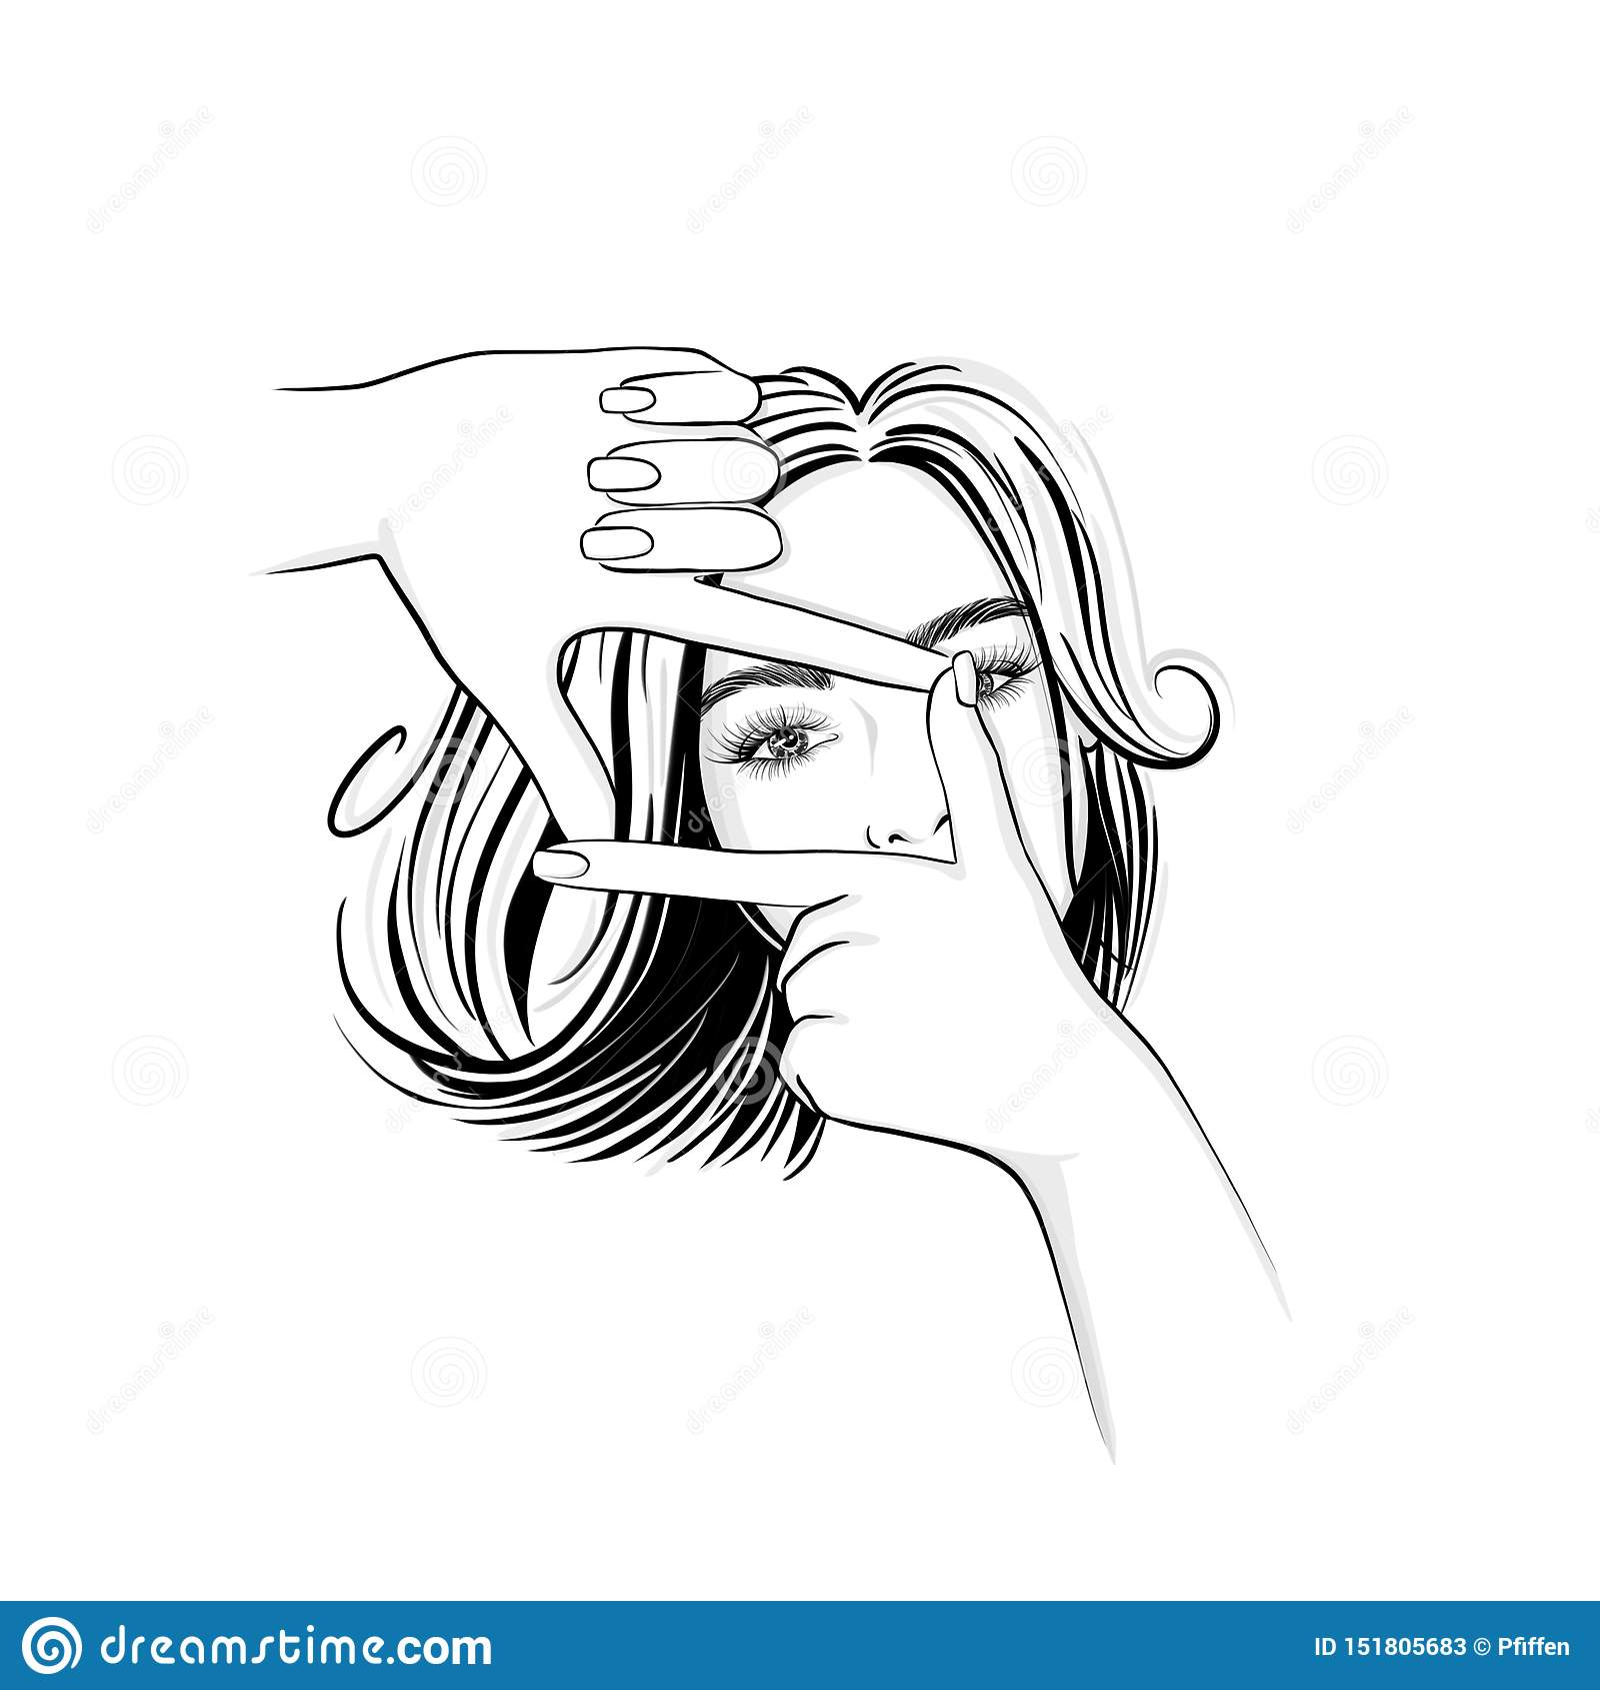 Όμορφη γυναίκα με τη μέση τρίχα μήκους που κοιτάζει μέσω ενός πλαισίου χεριών